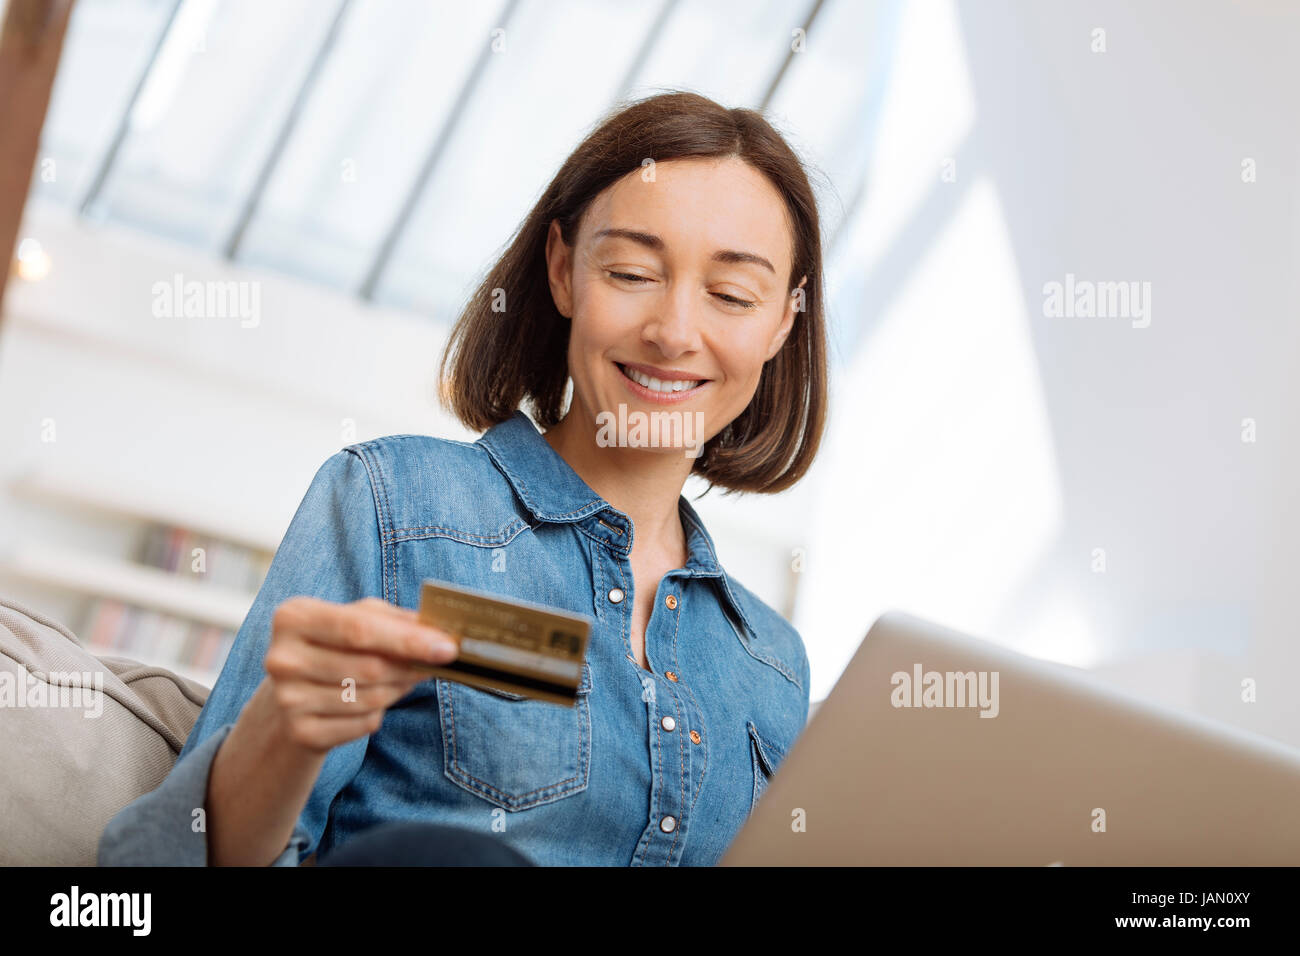 Mujer con un portátil conectado y compras online Imagen De Stock